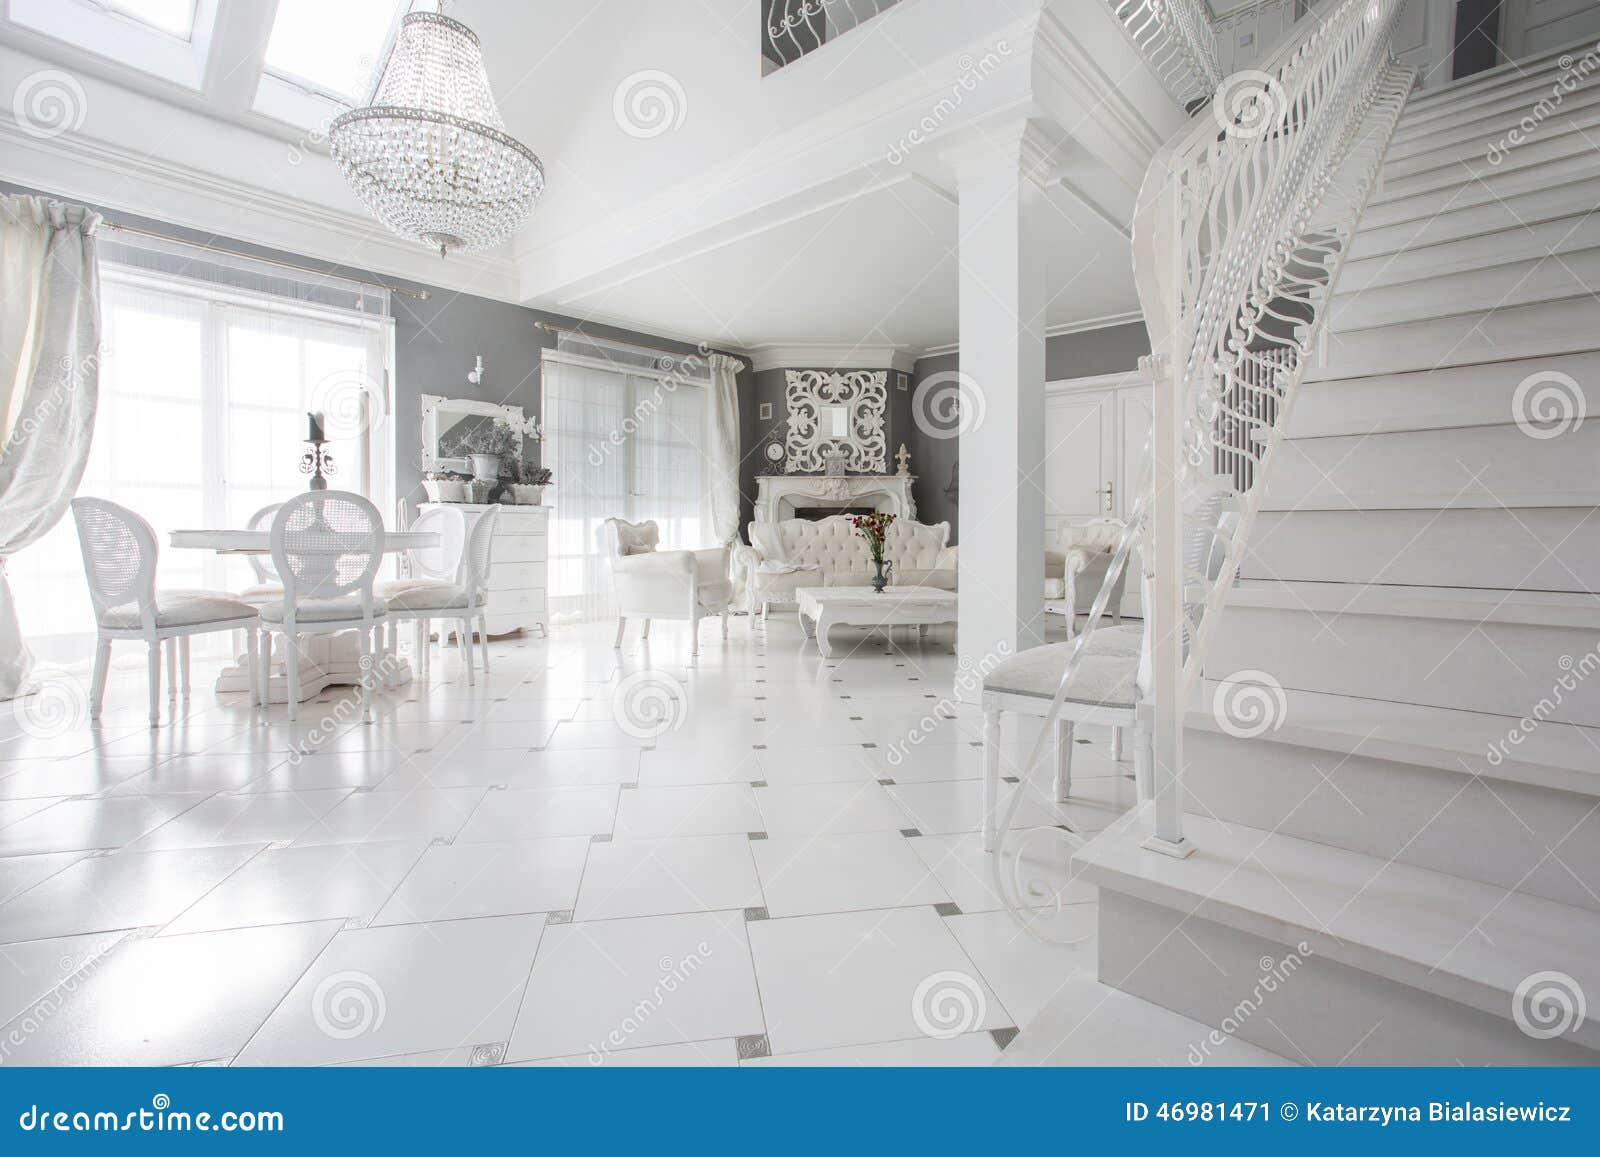 Exklusive Bilder Wohnzimmer ~ Exklusives wohnzimmer stockbild bild von inside groß